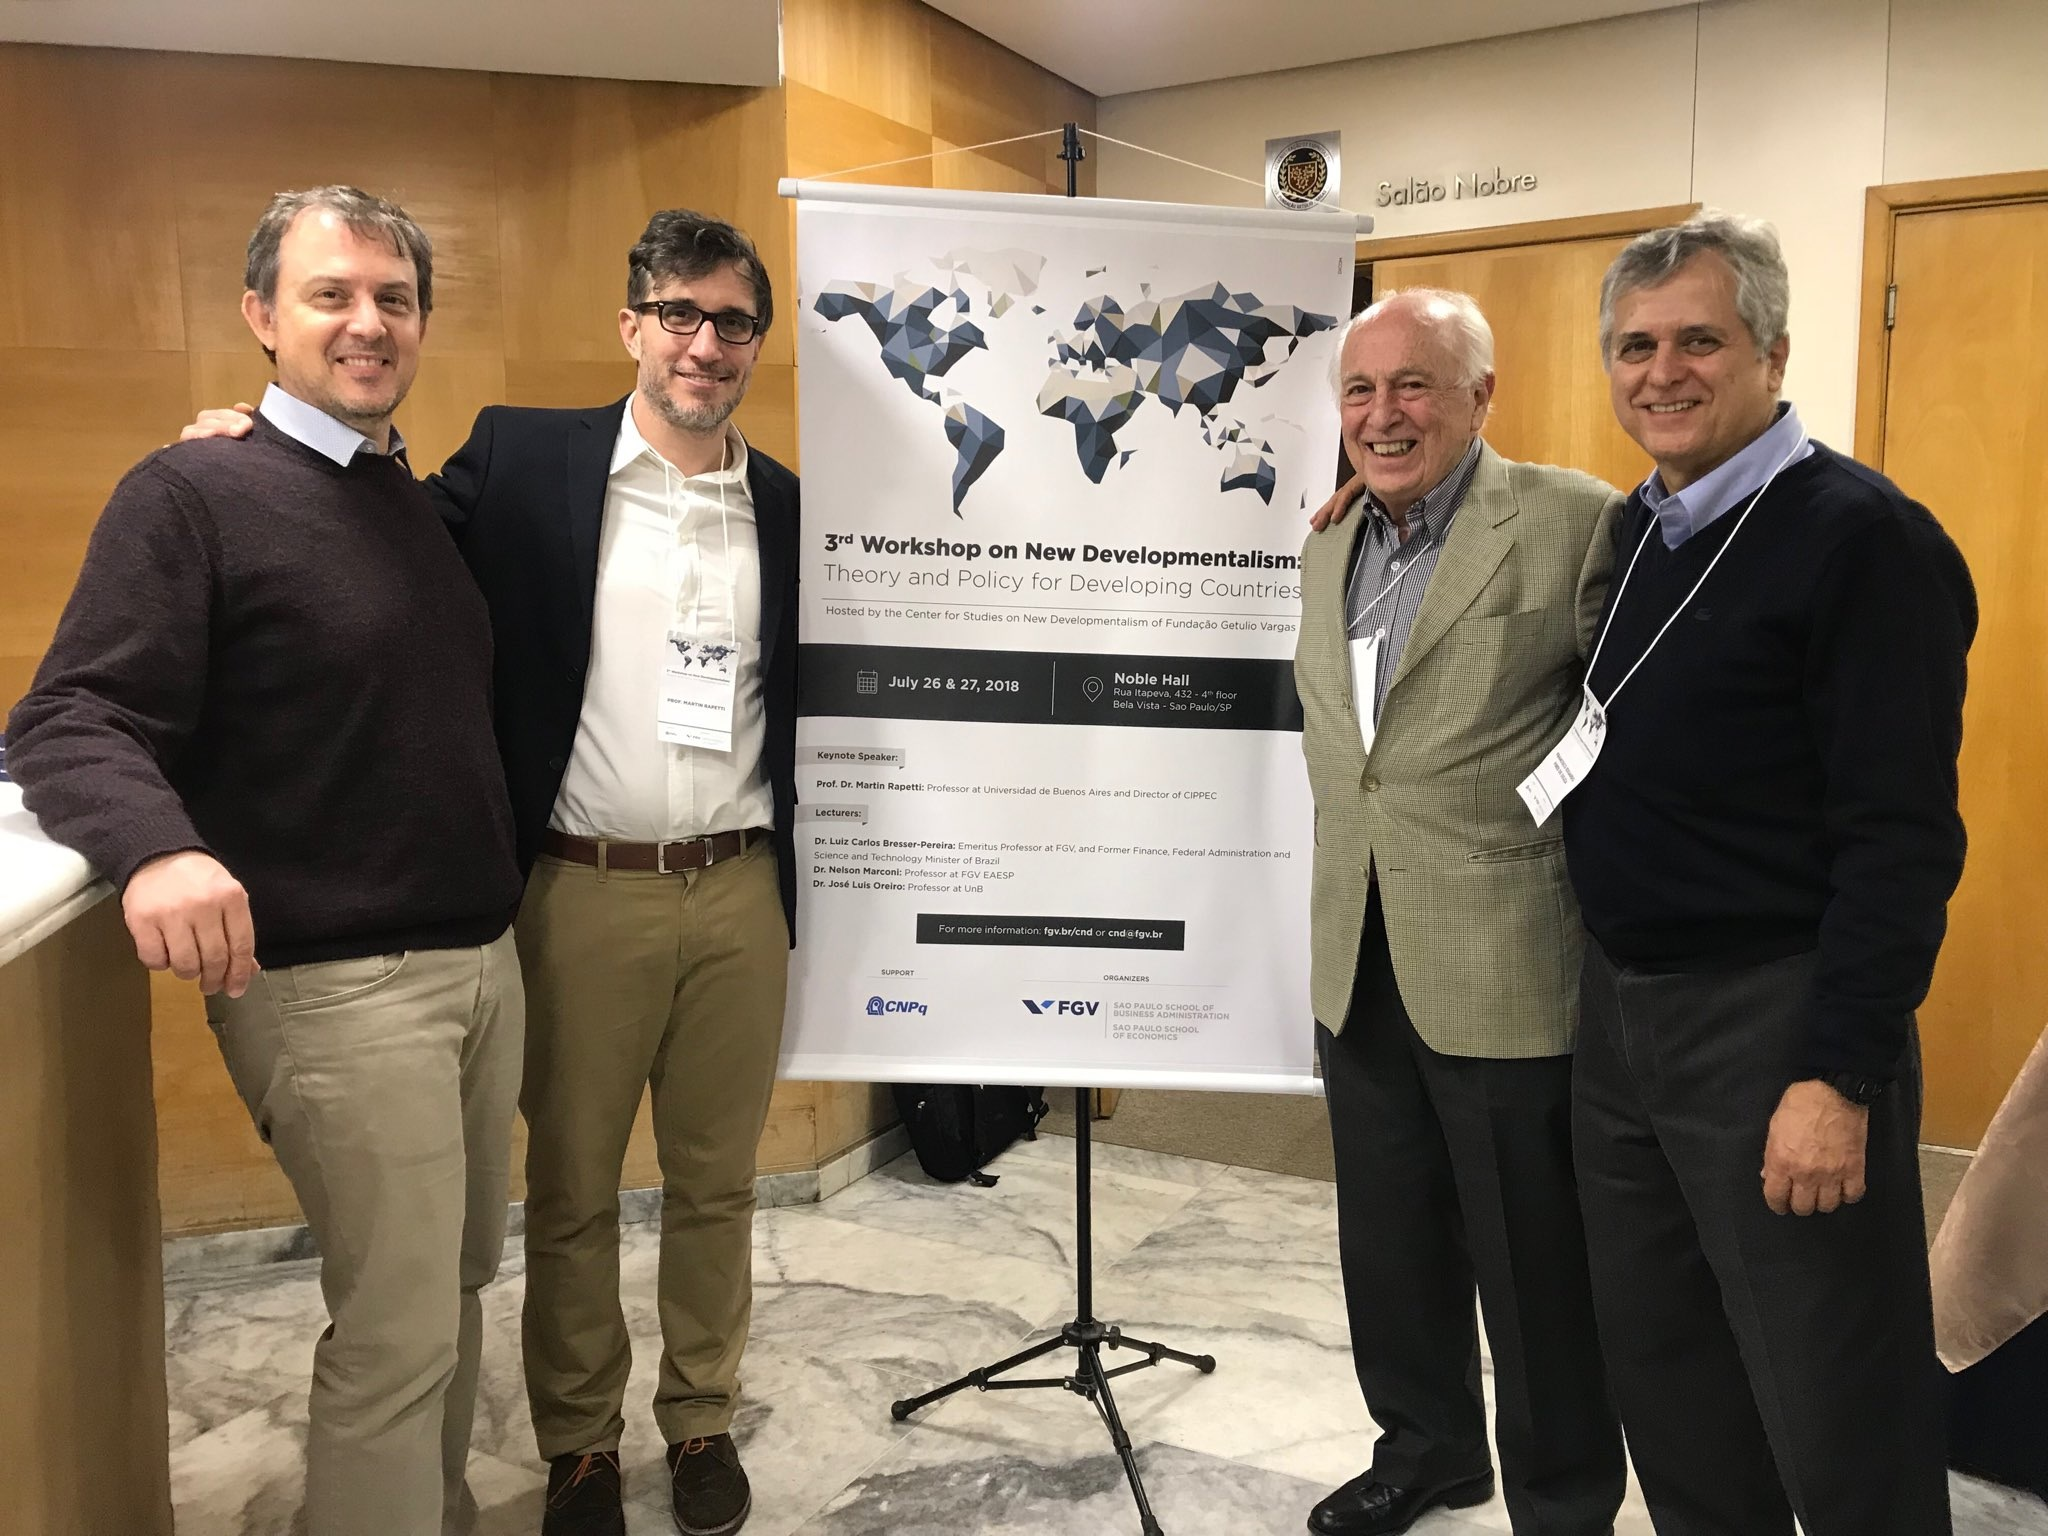 Martín Rapetti, director del programa de Desarrollo Económico de CIPPEC, junto a colegas en el Tercer Seminario sobre Neodesarrollismo, en San Pablo, Brasil.